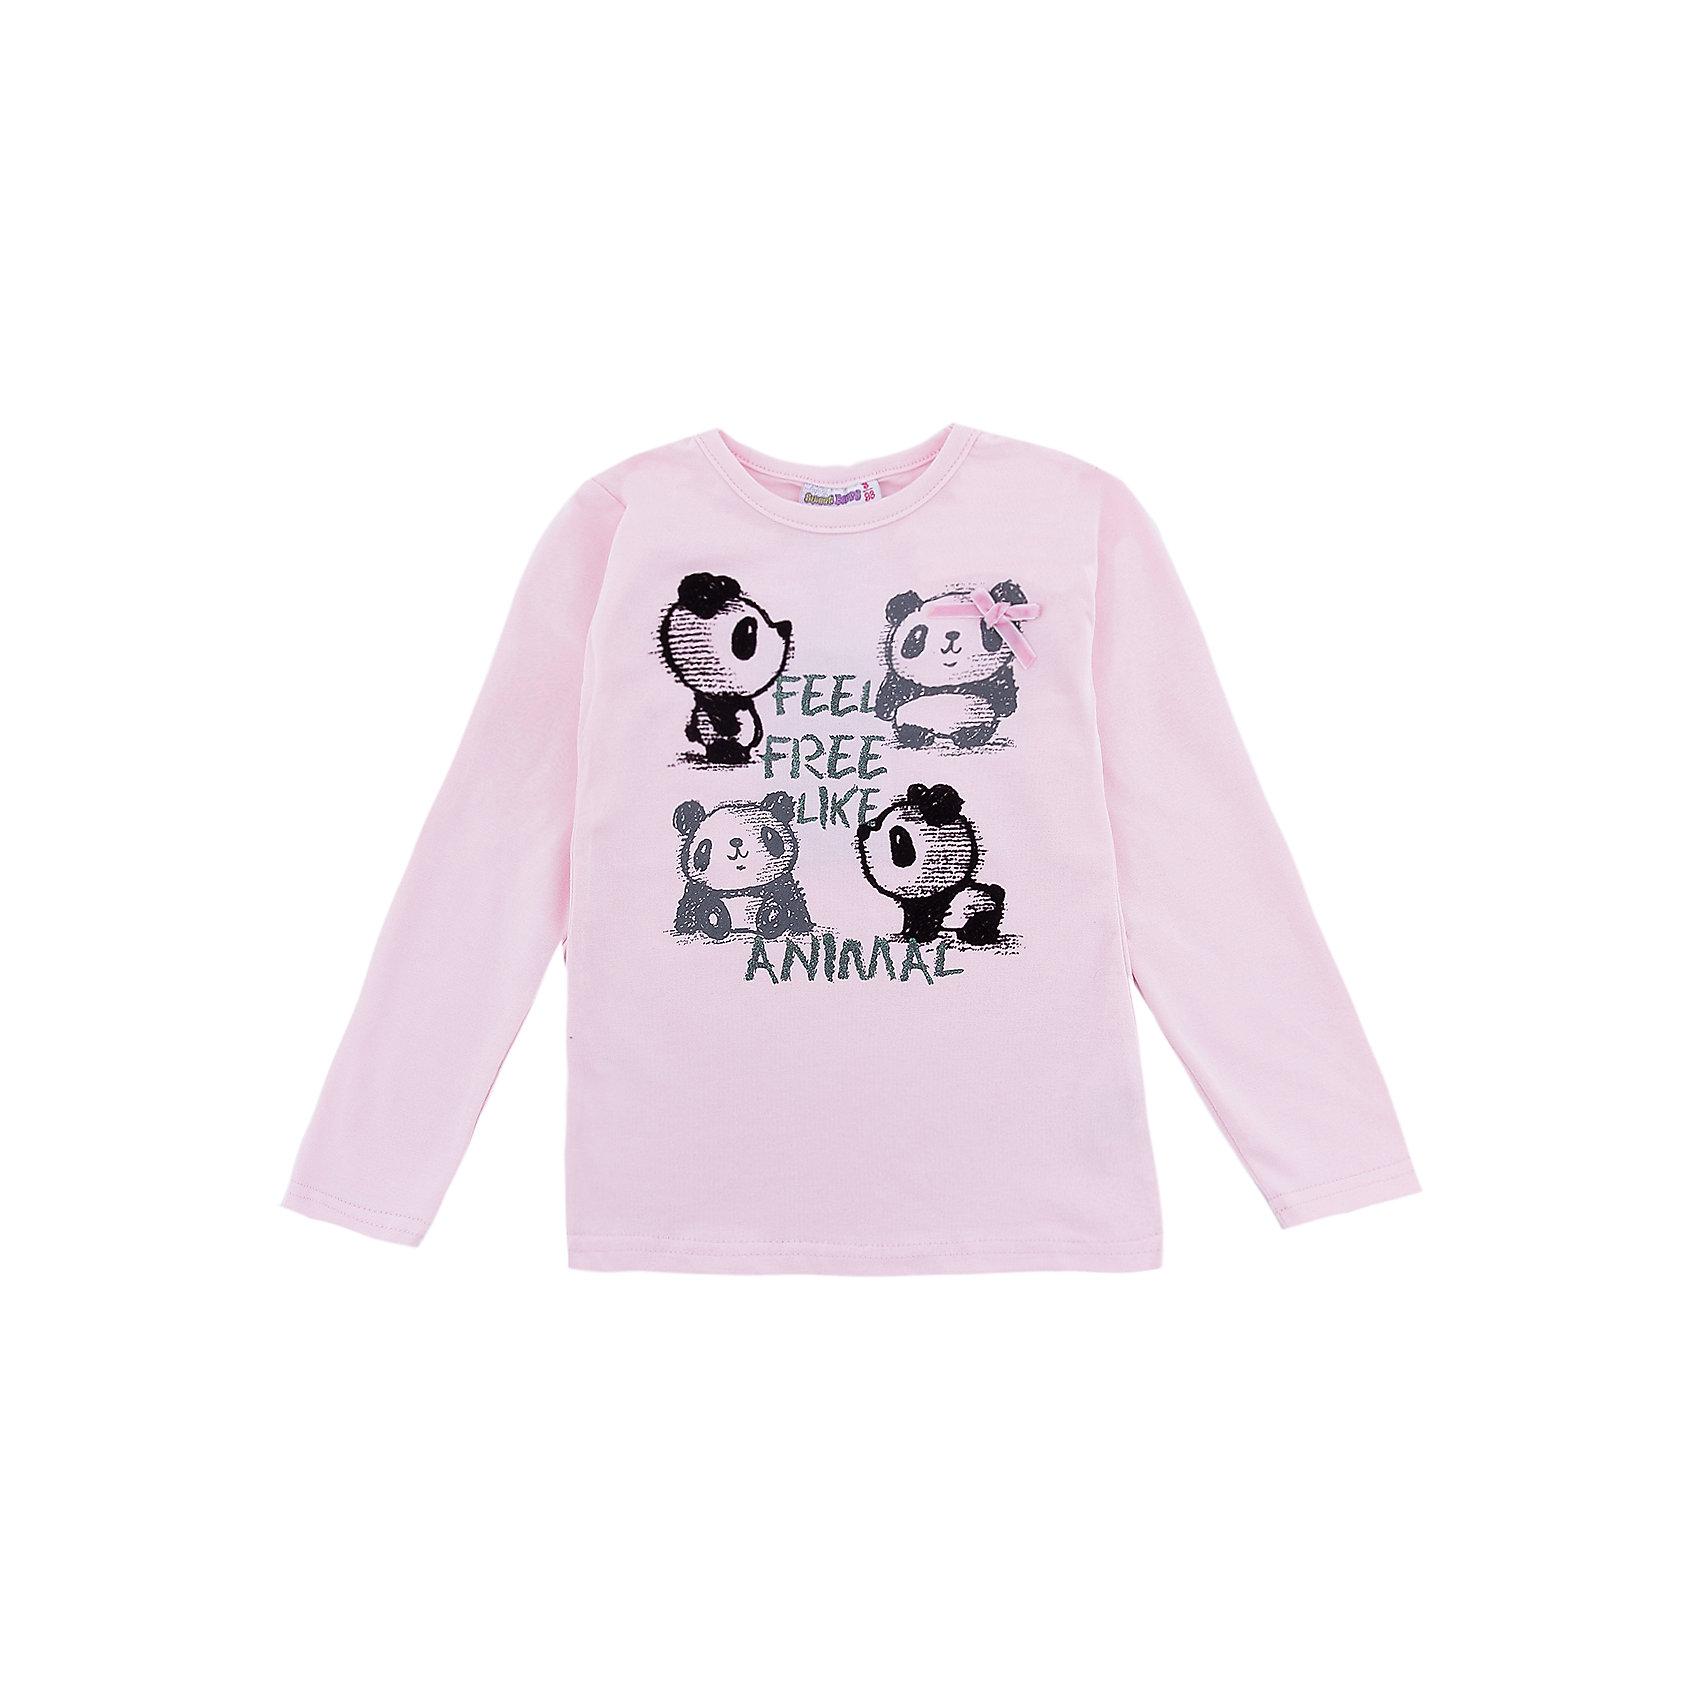 Футболка Sweet Berry для девочкиФутболки с длинным рукавом<br>Футболка Sweet Berry для девочки<br>Розовая трикотажная футболка с длинным рукавом из мягкого хлопкового полотна декорированная милым принтом.  Округлый вырез горловины.<br>Состав:<br>95% хлопок, 5% эластан<br><br>Ширина мм: 199<br>Глубина мм: 10<br>Высота мм: 161<br>Вес г: 151<br>Цвет: розовый<br>Возраст от месяцев: 84<br>Возраст до месяцев: 96<br>Пол: Женский<br>Возраст: Детский<br>Размер: 128,98,104,110,116,122<br>SKU: 7094108